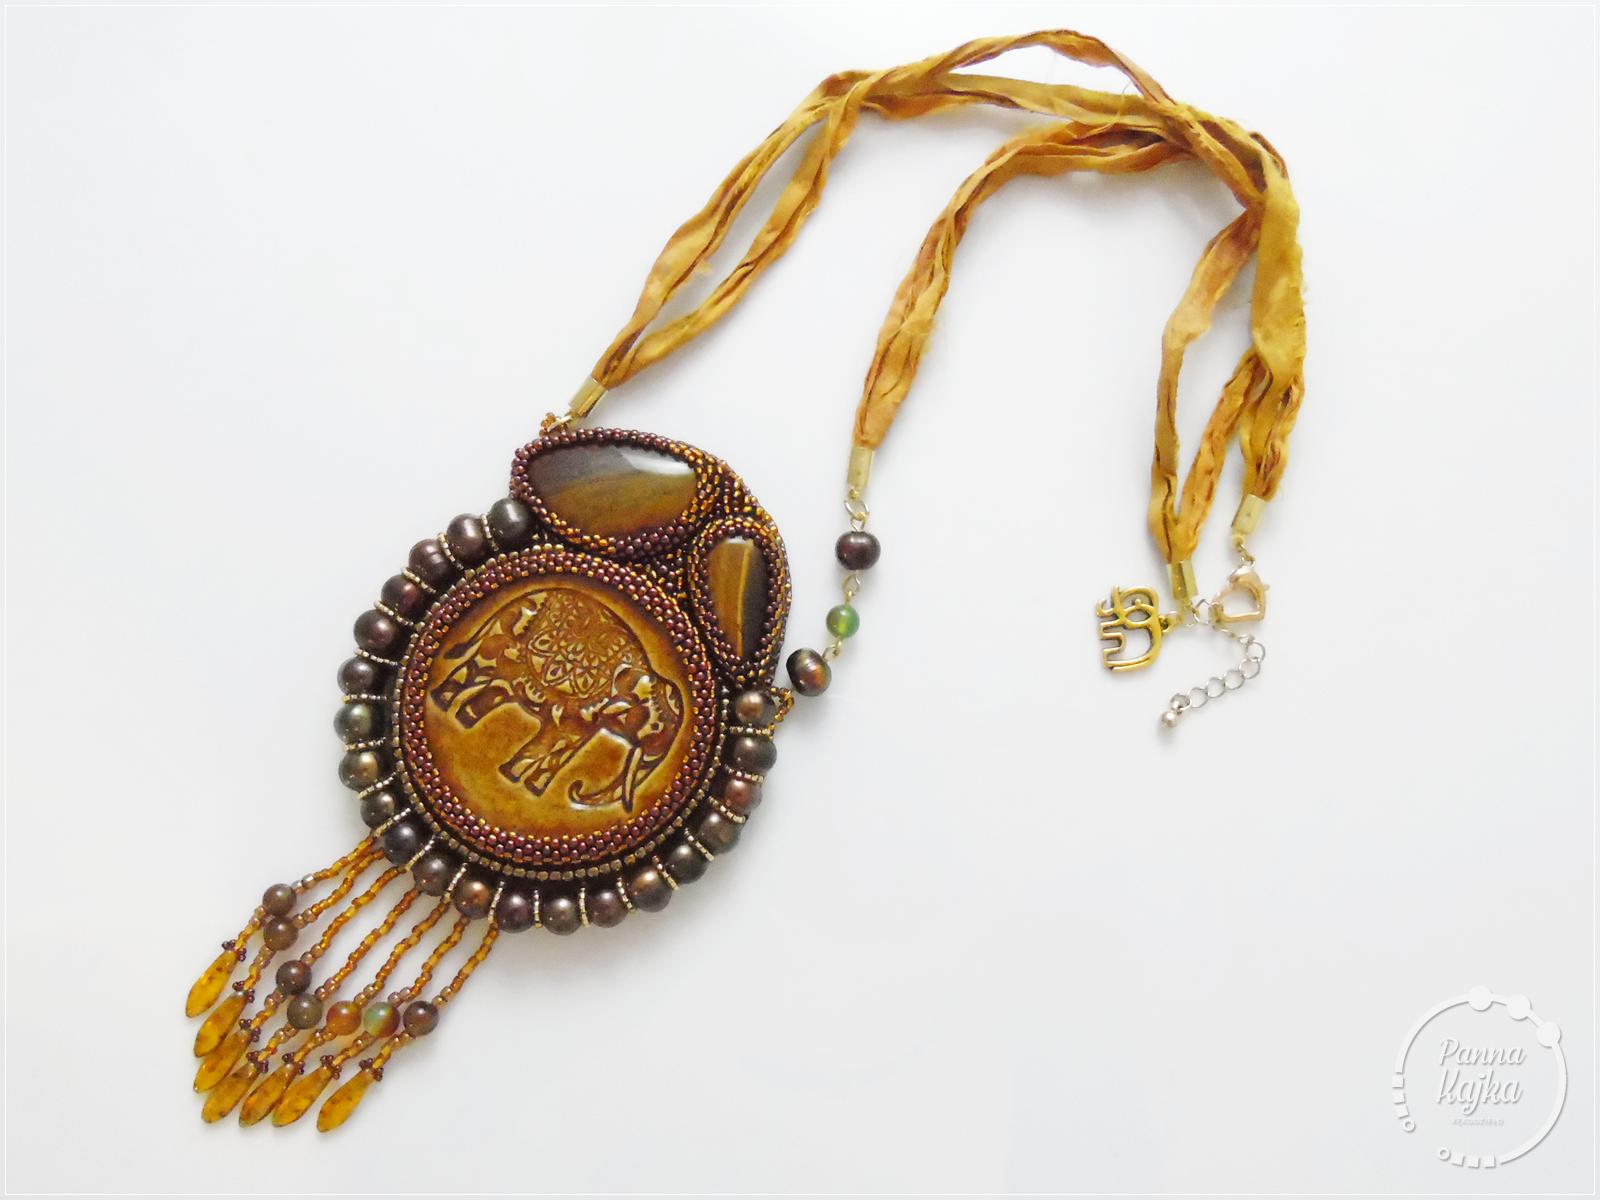 agat, ceramika, dagger, frędzle, jaspis, jedwab sari, kaboszon, perły słodkowodne, skóra naturalna, toho, tygrysie oko, wisior,